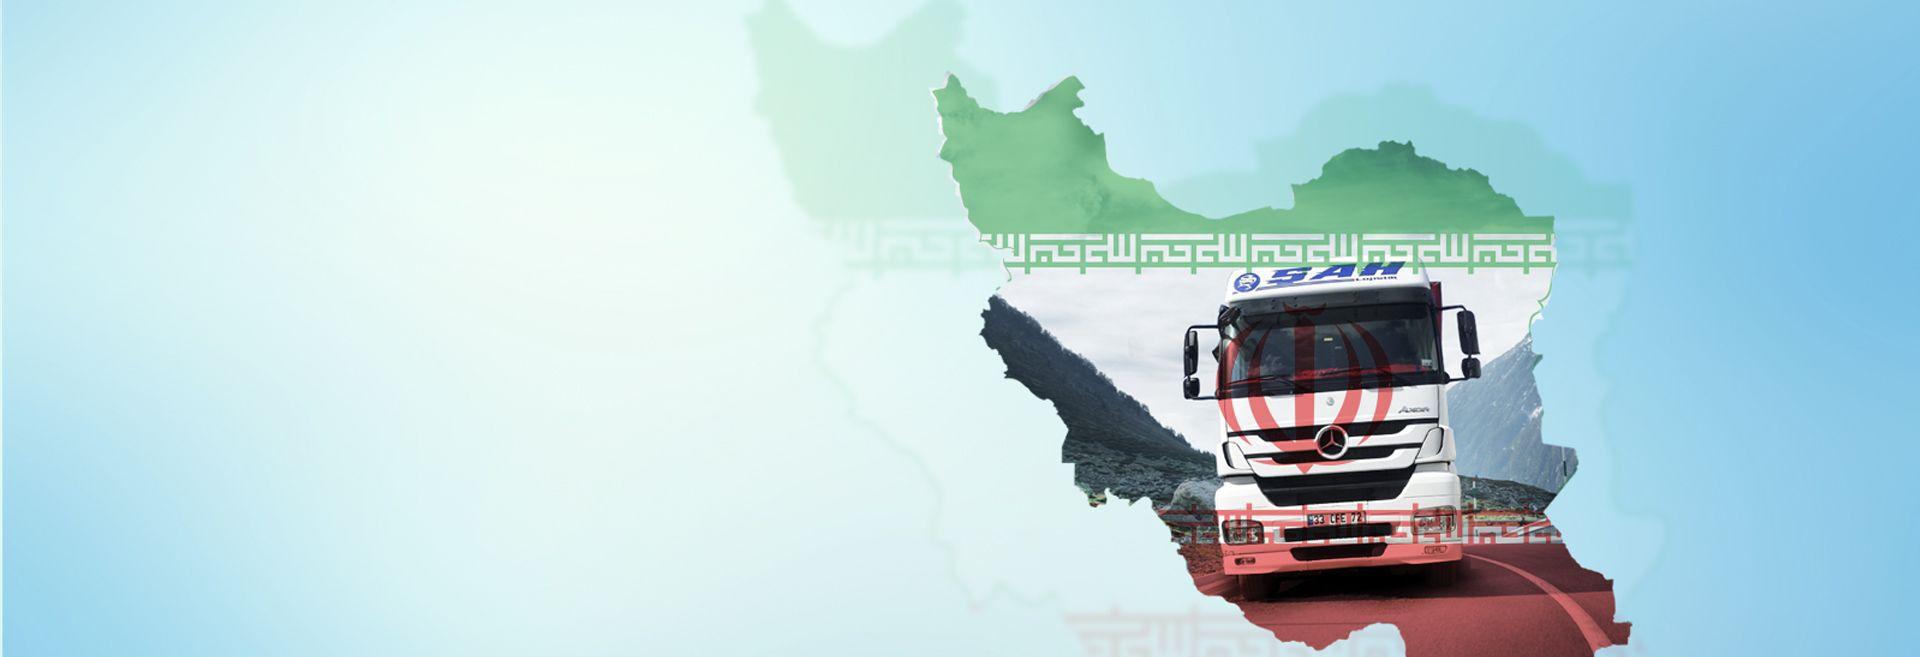 İran nakliyat firmaları arasında ilk sıralarda yer alan Şah Lojistik sizlere komple ve parsiyel gemi ve deniz yolu yük taşımacılığı hizmetinin yanı sıra yük taşıma ve istifleme konusunda da yardımcı olmaktadır.